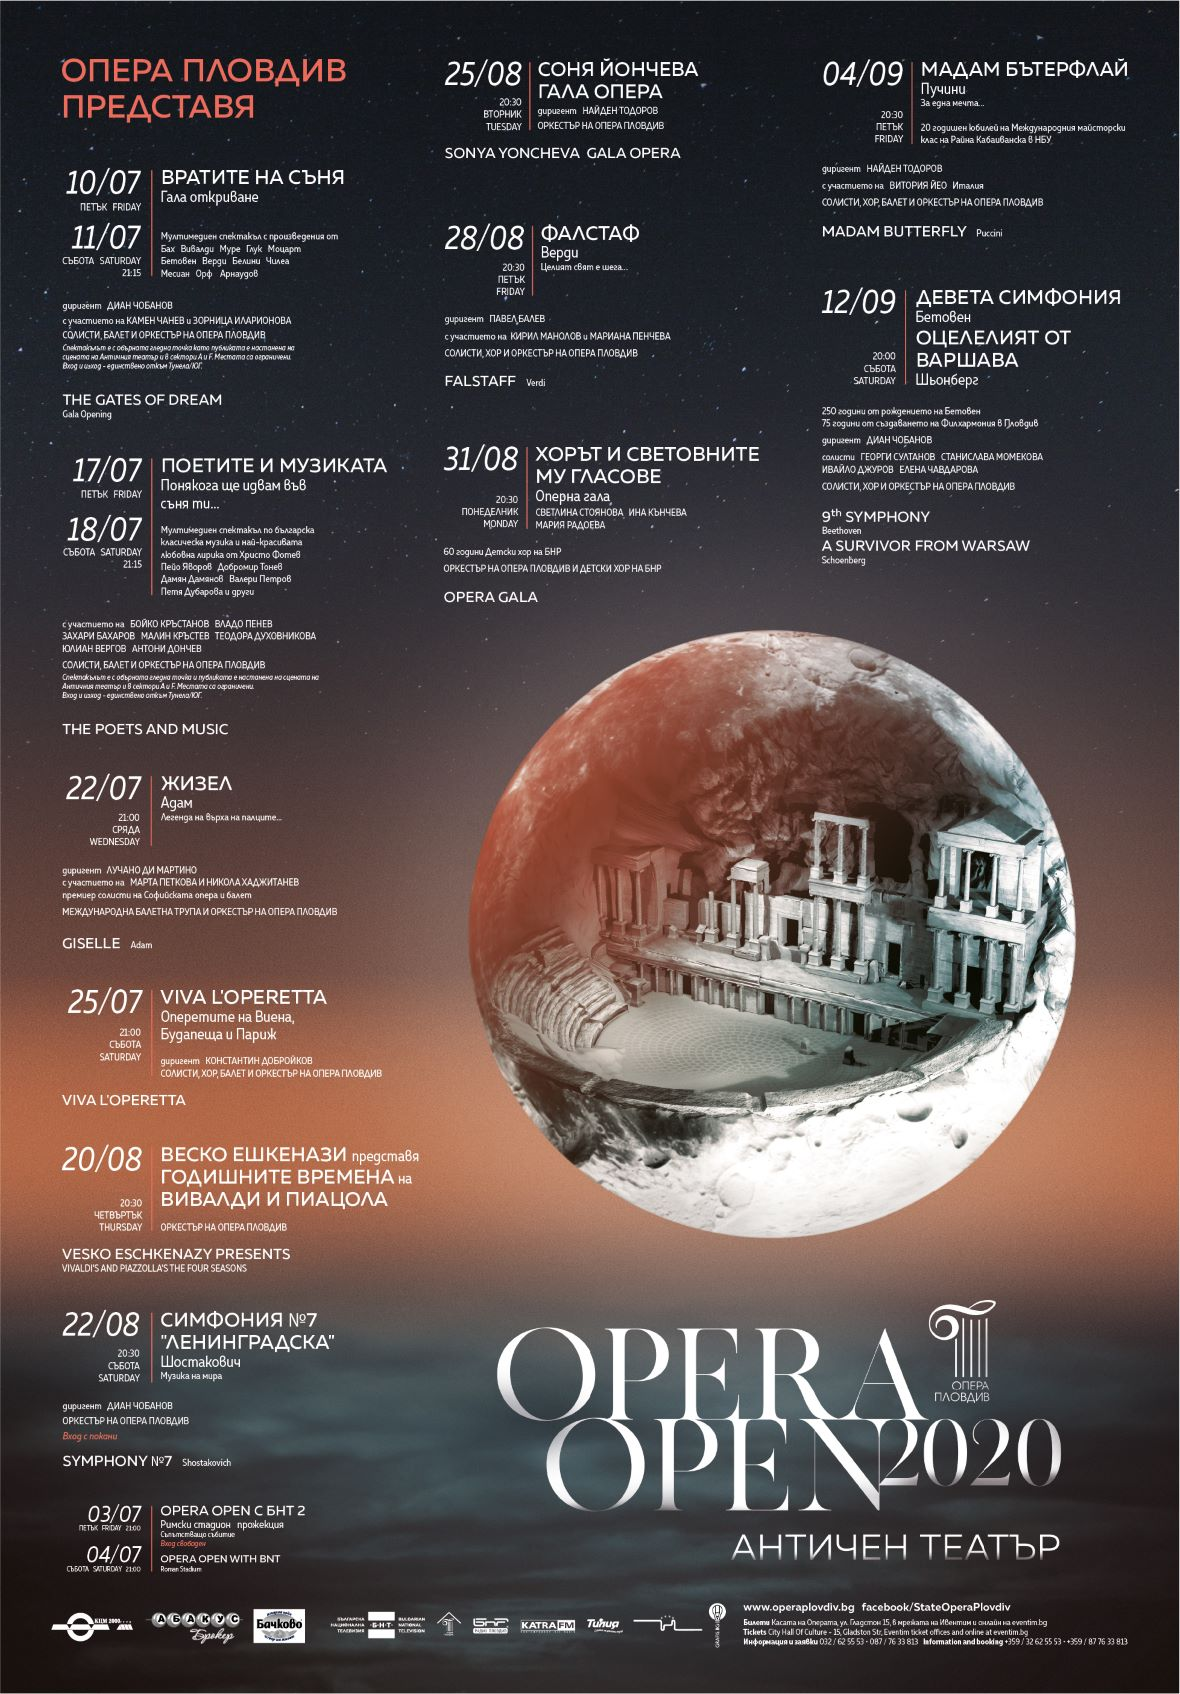 OPERA OPEN 2020 представя големите български имена в оперното изкуство